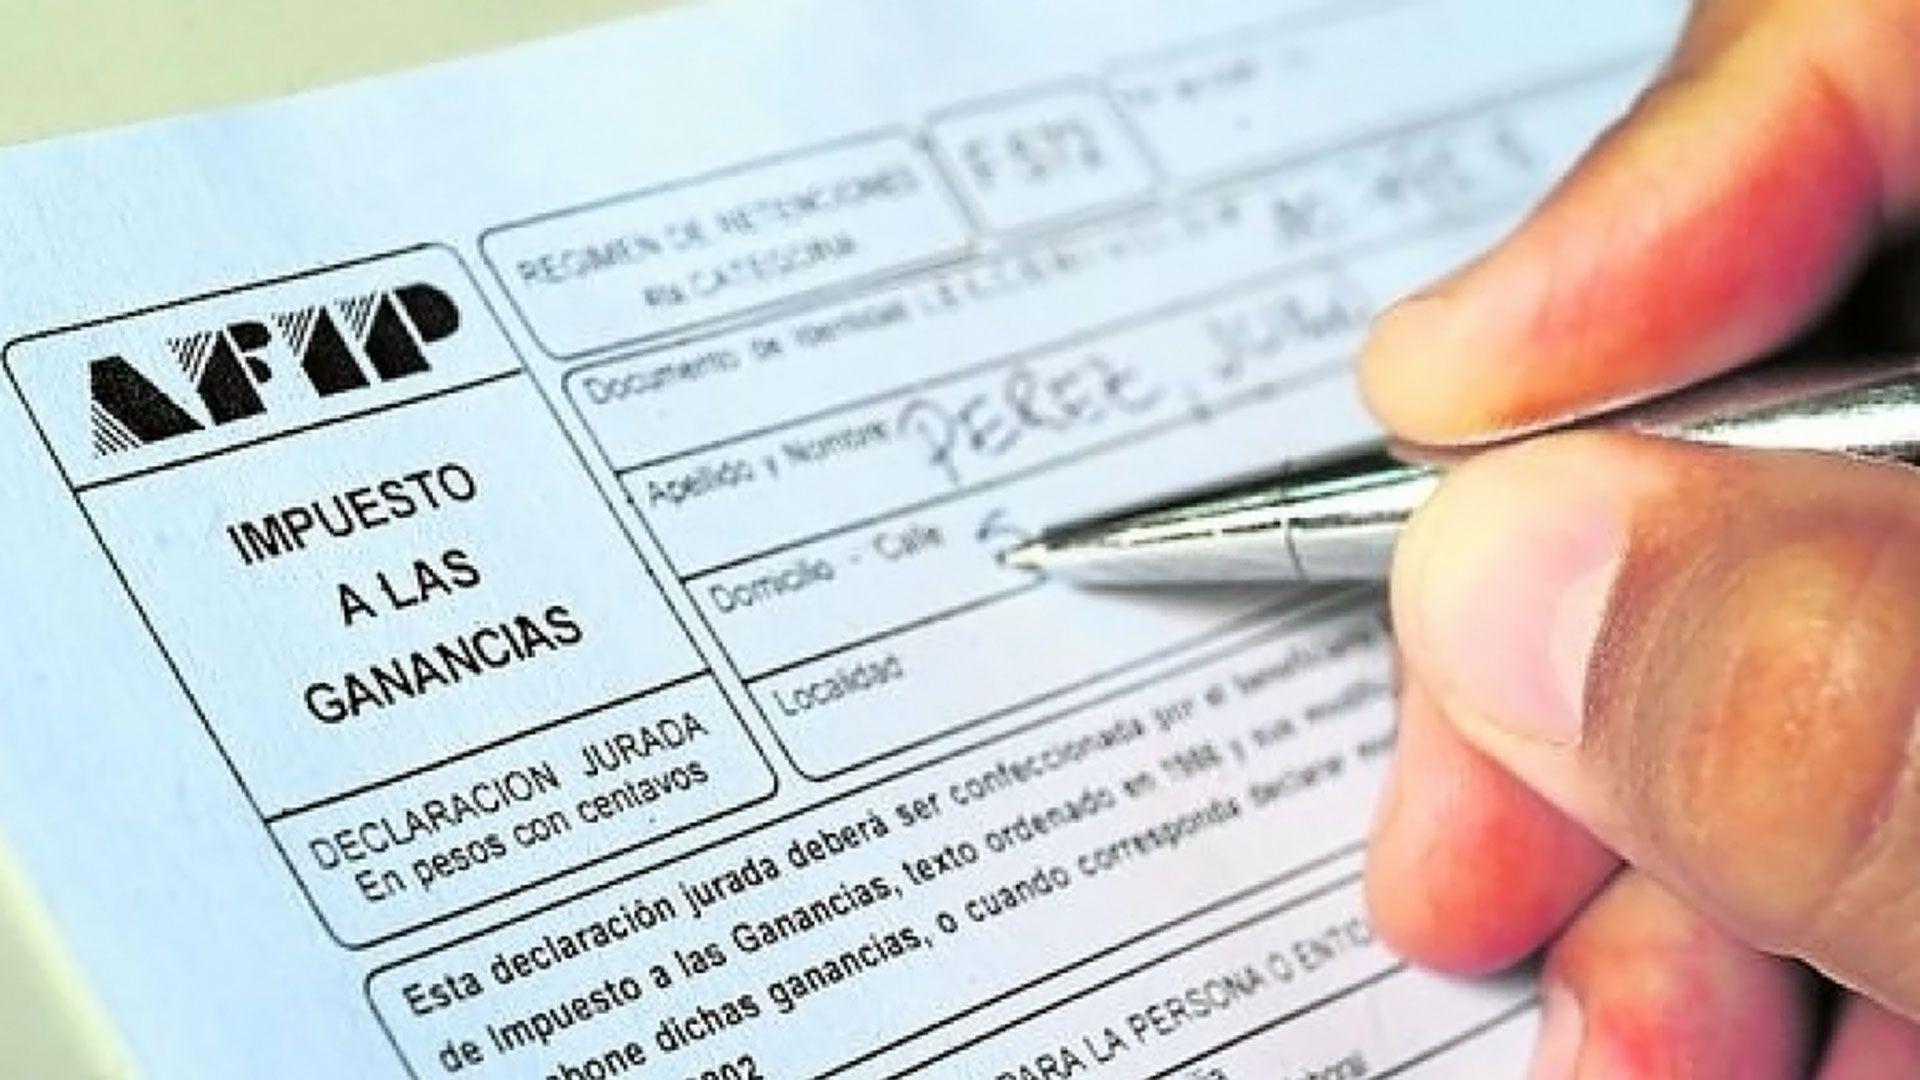 Hasta el 31 de marzo se podrán presentar vía electrónica las deducciones ante AFIP, mediante el Formulario 572, a través del servicio web del Siradig (Sistema de Registro y Actualización de Deducciones del Impuesto a las Ganancias)